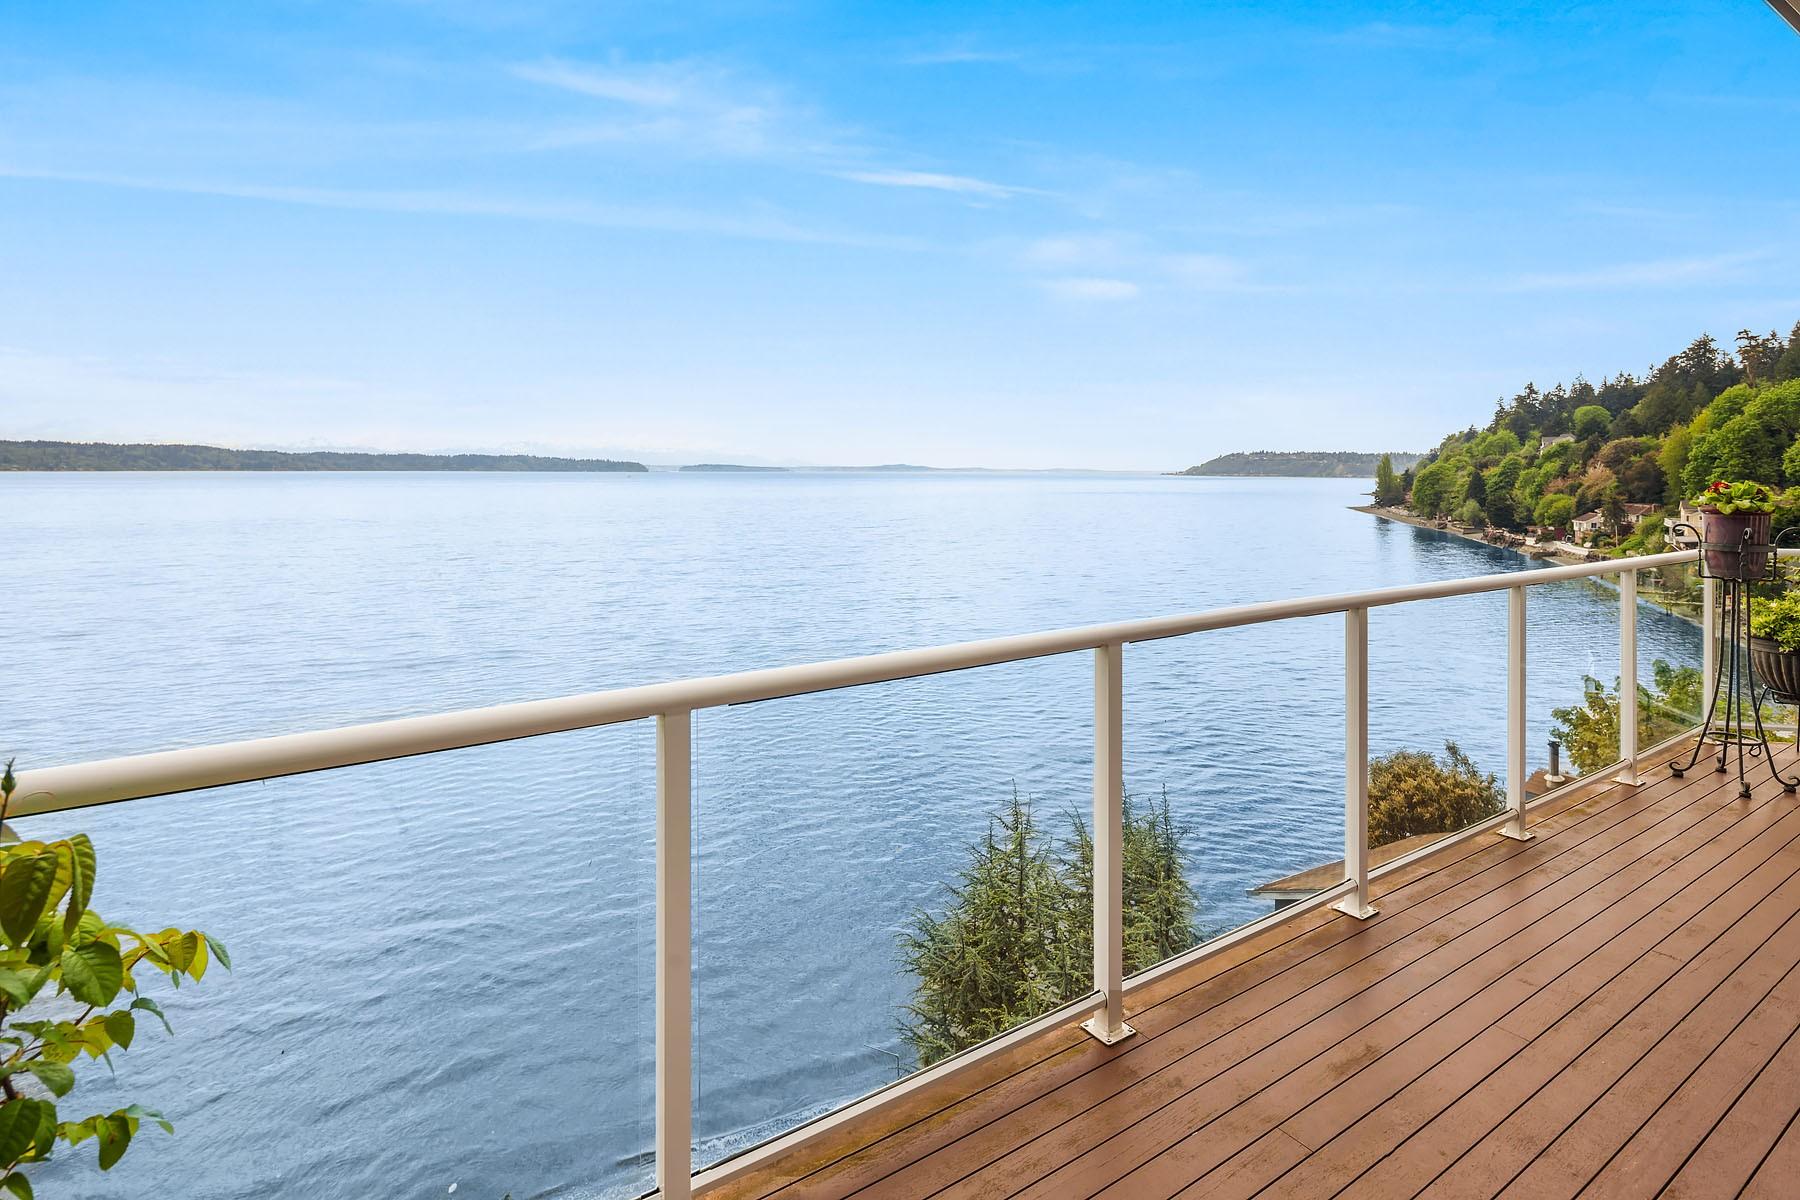 Casa Unifamiliar por un Venta en The Lookout at Three Point - Beautiful Waterfront NW Contemporary 16031 Maplewild Ave SW Burien, Washington 98166 Estados Unidos